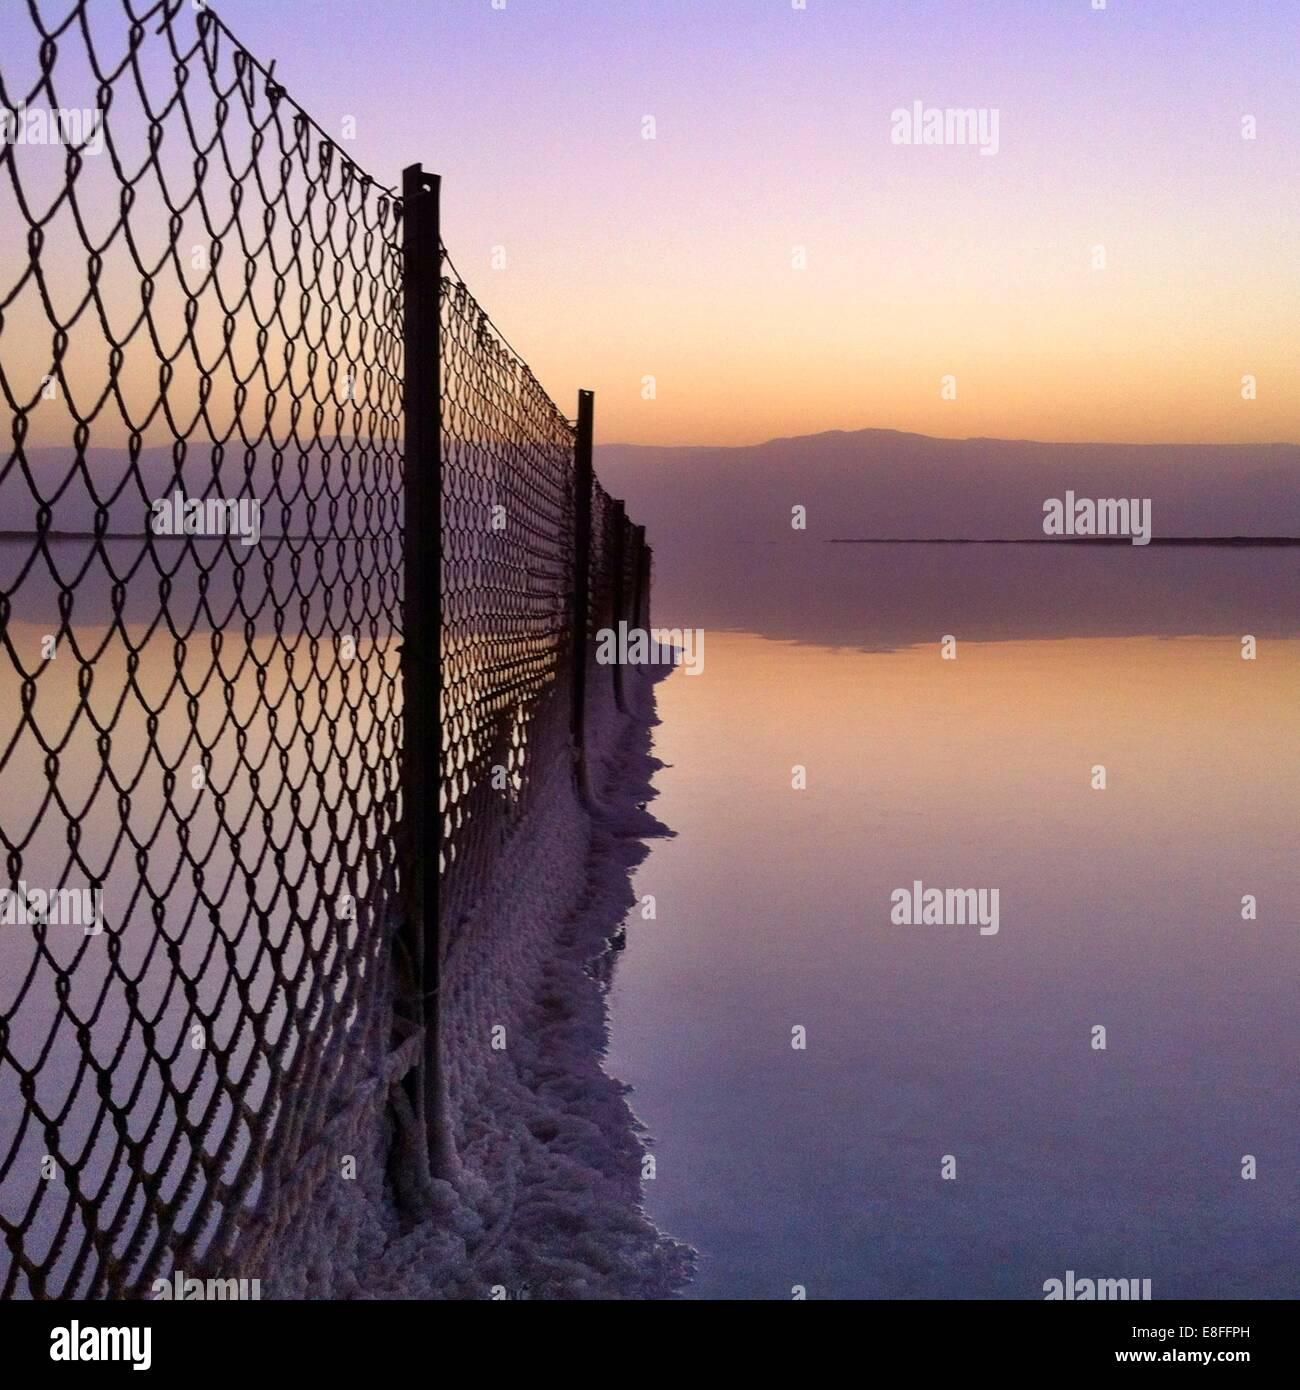 Salt deposits on fence, Dead Sea, Israel - Stock Image